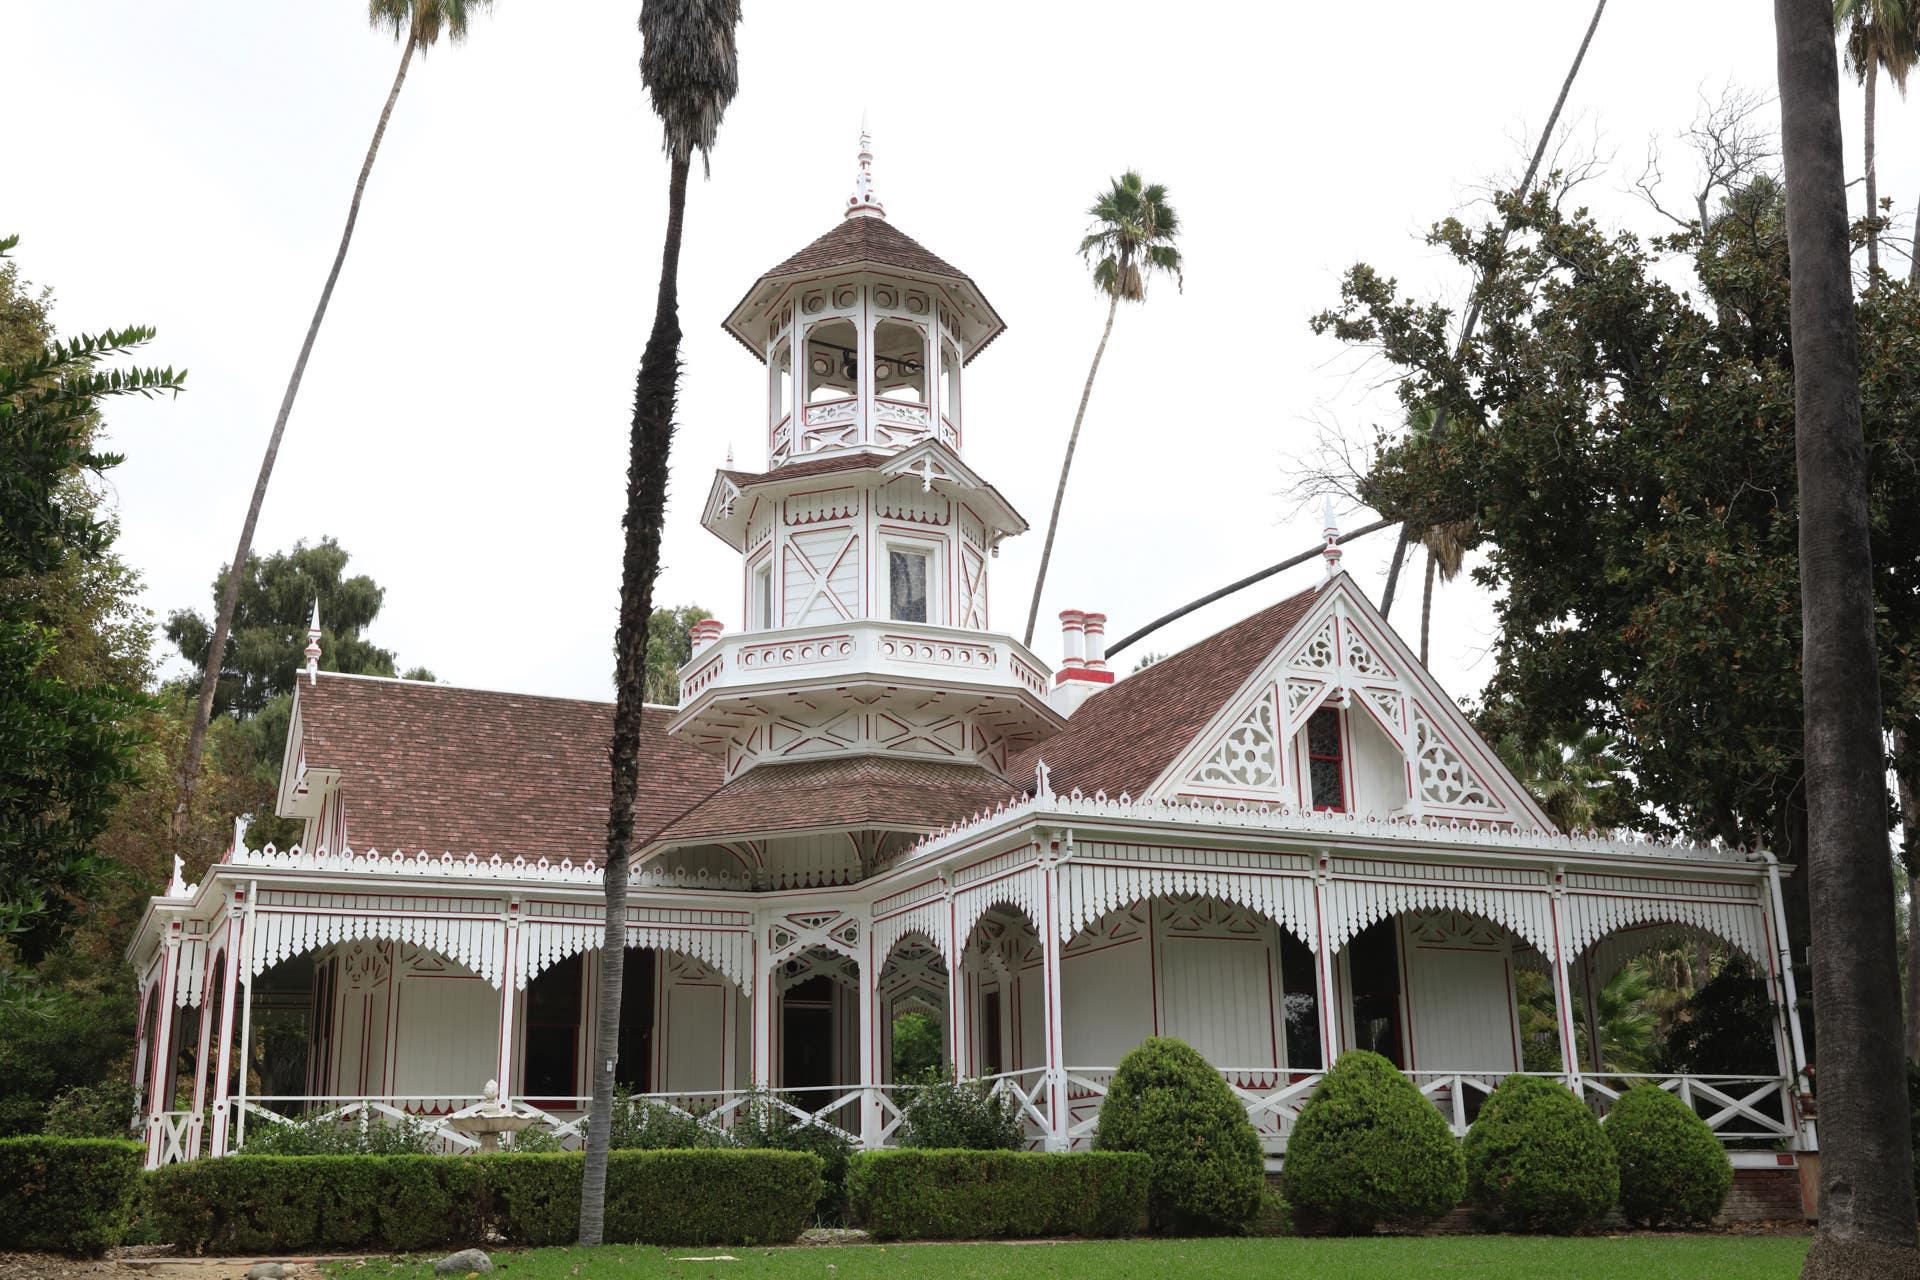 Queen Anne's Cottage at LA County Arboretum